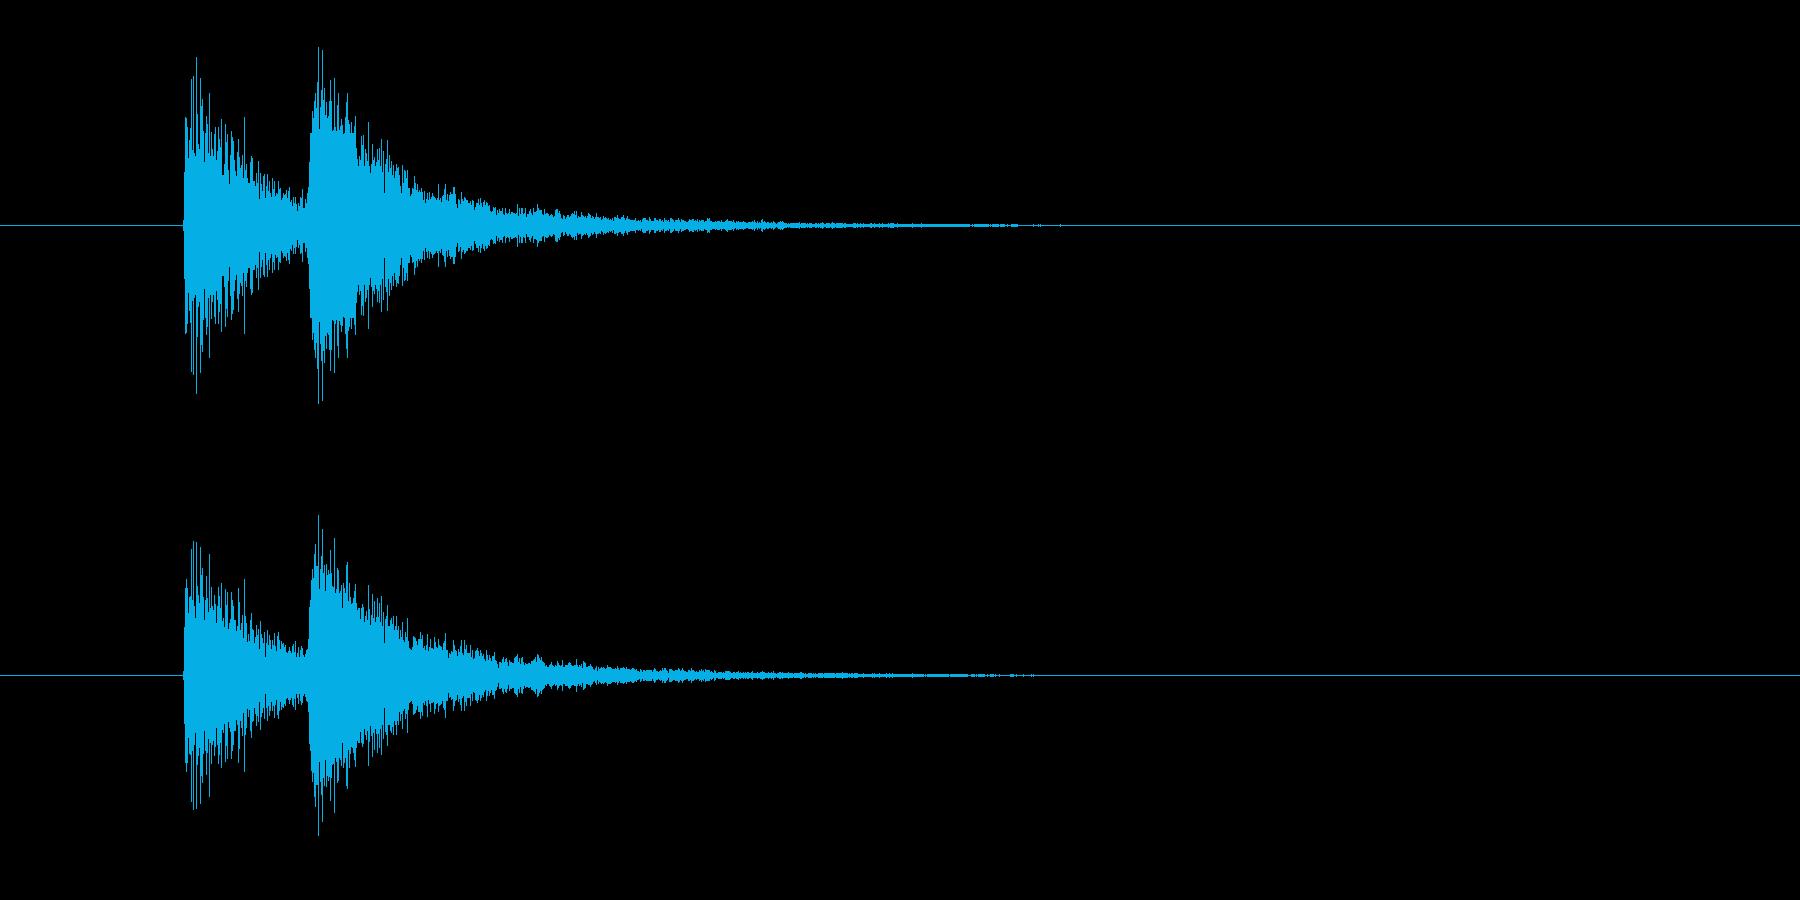 ジャンジャン!(迫力のある出題音)の再生済みの波形